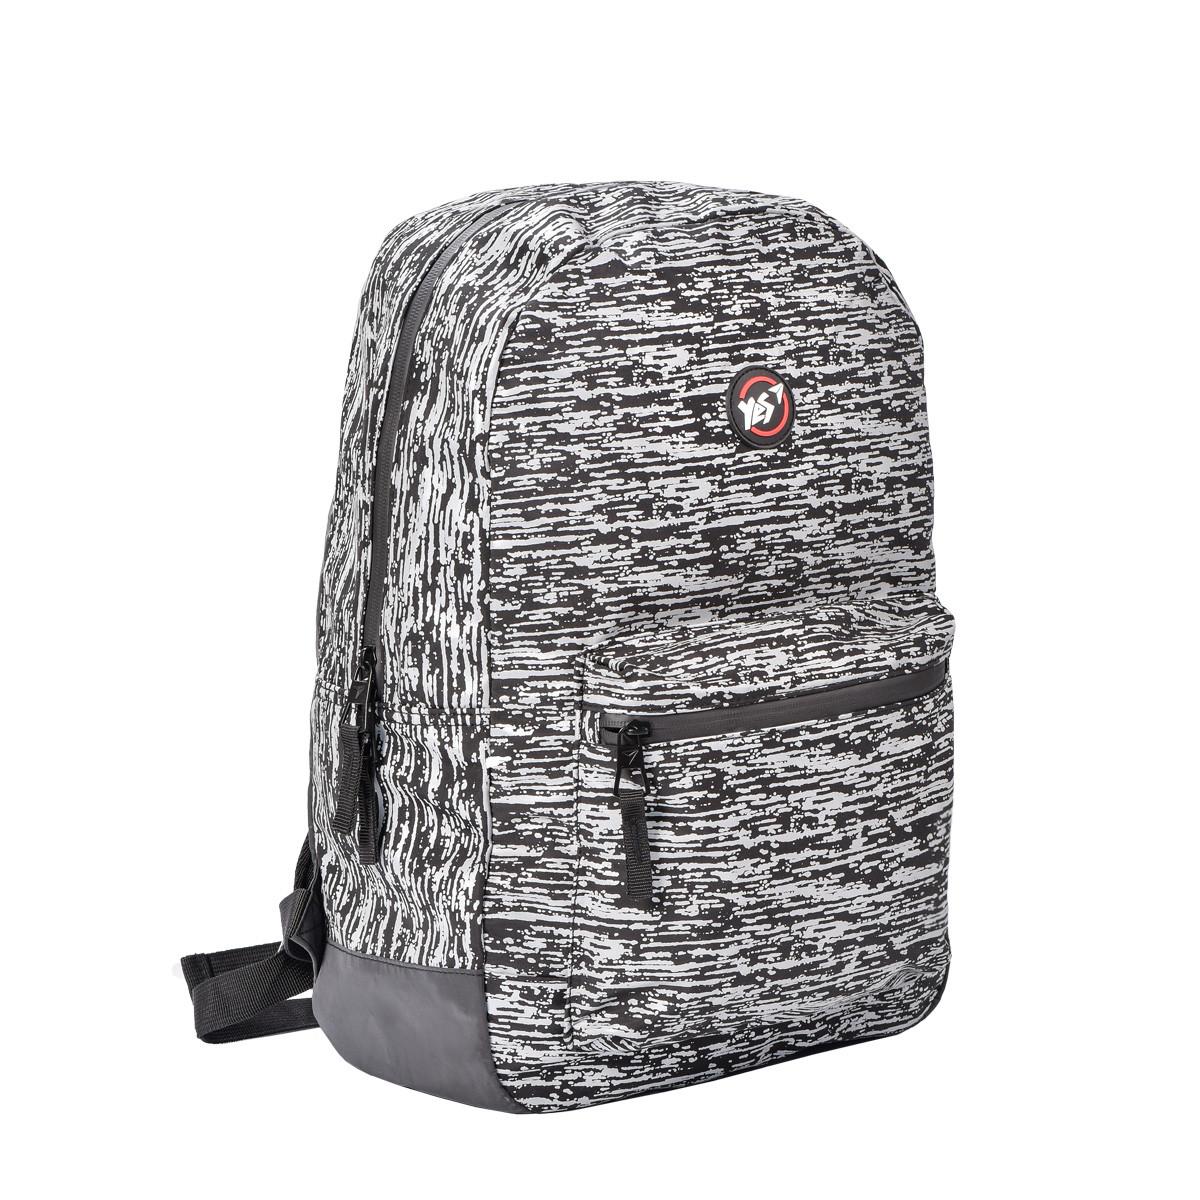 Рюкзак городской светоотражающий YES R-02 Agent Reflective серый код: 558518